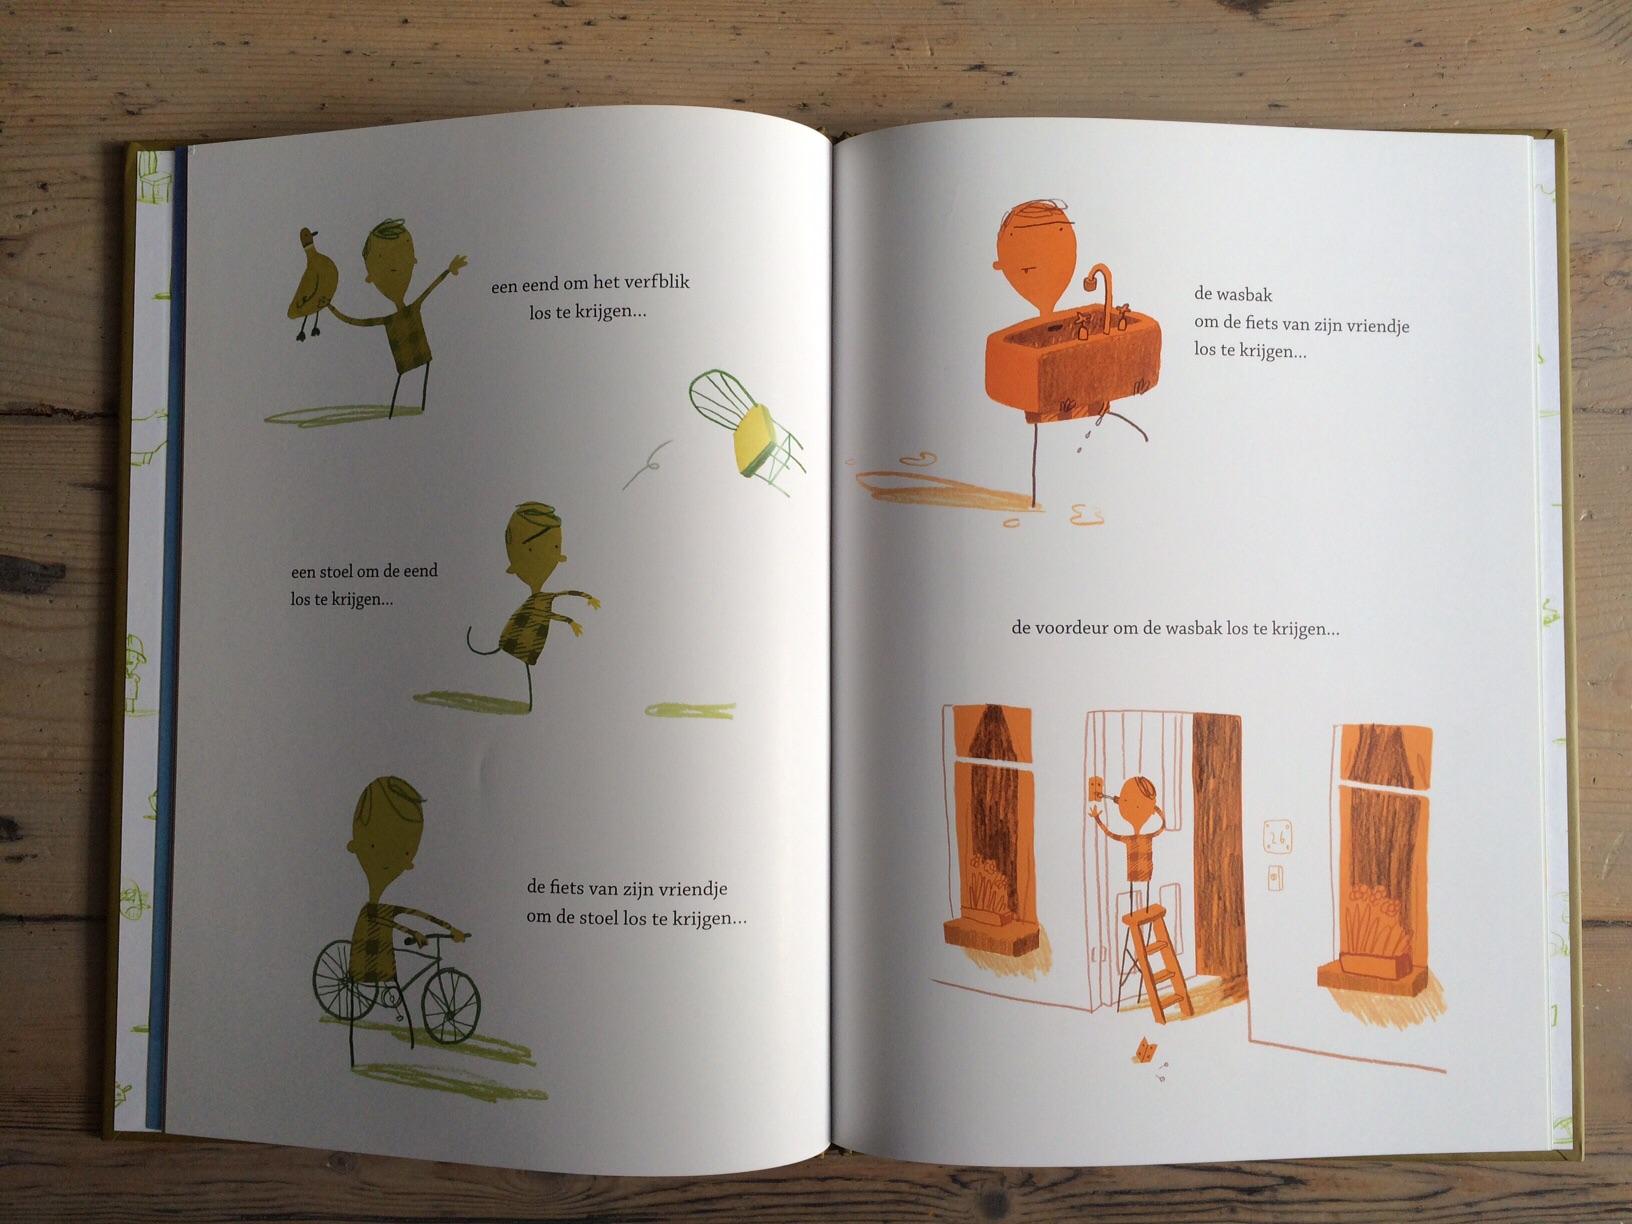 Kinderboek van de week vast somoiso de wereld is z mooi zo - Tafel lang eiland huis van de wereld ...